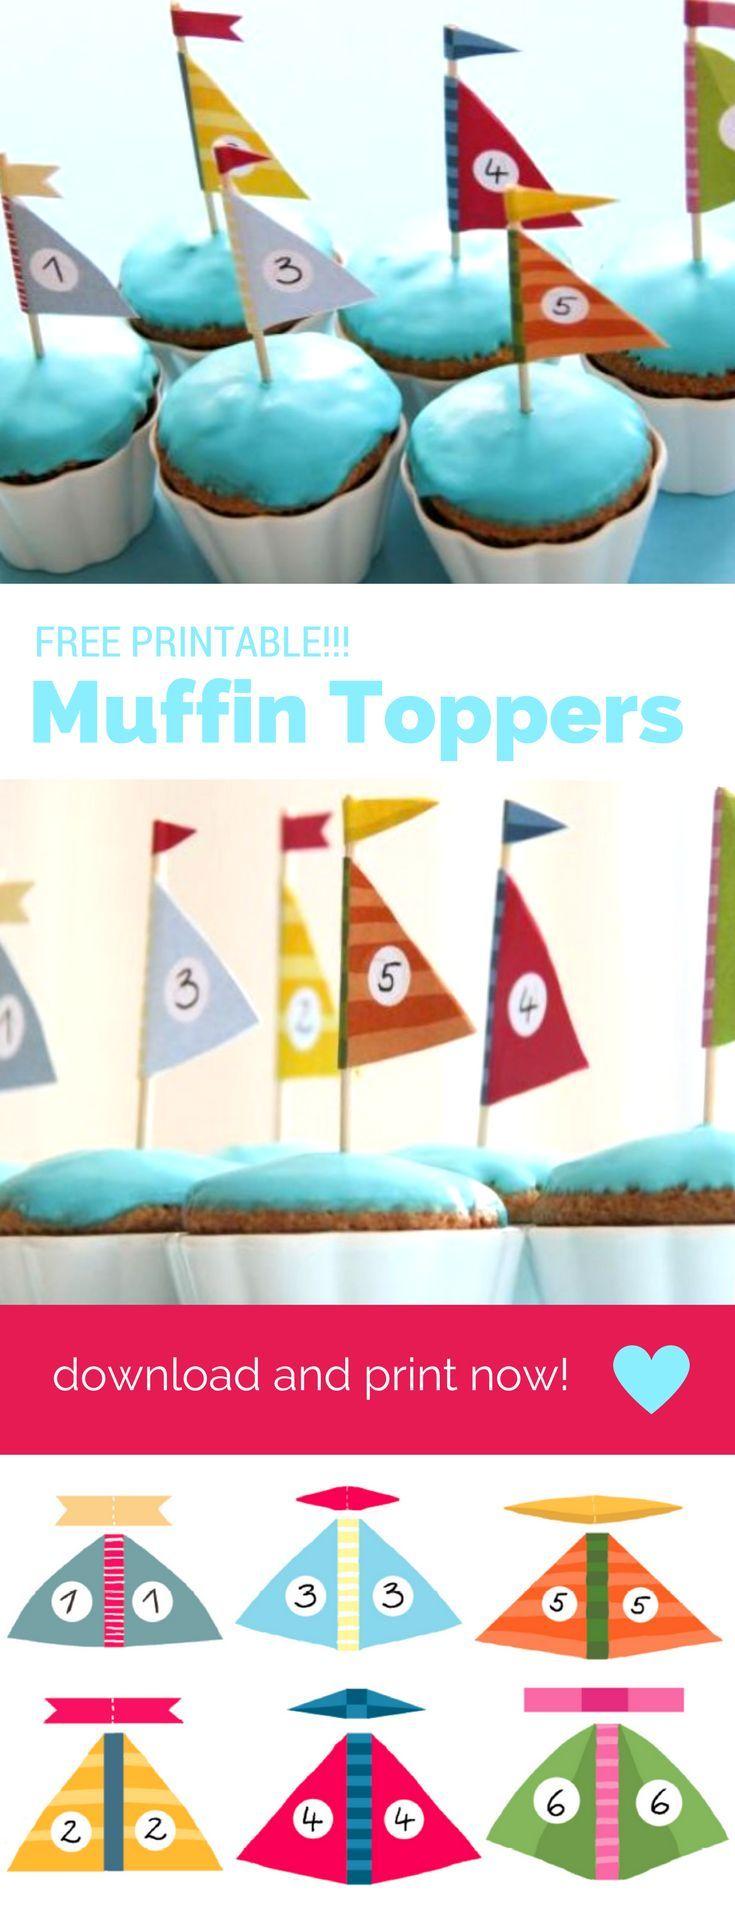 Kindergeburtstag Piraten - DIE Idee für Tischdeko. Das Printable für die Segelboot Muffin Toppers ist kostenlos und ihr findet es hier: http://www.meinesvenja.de/2011/08/10/segelboot-muffins/